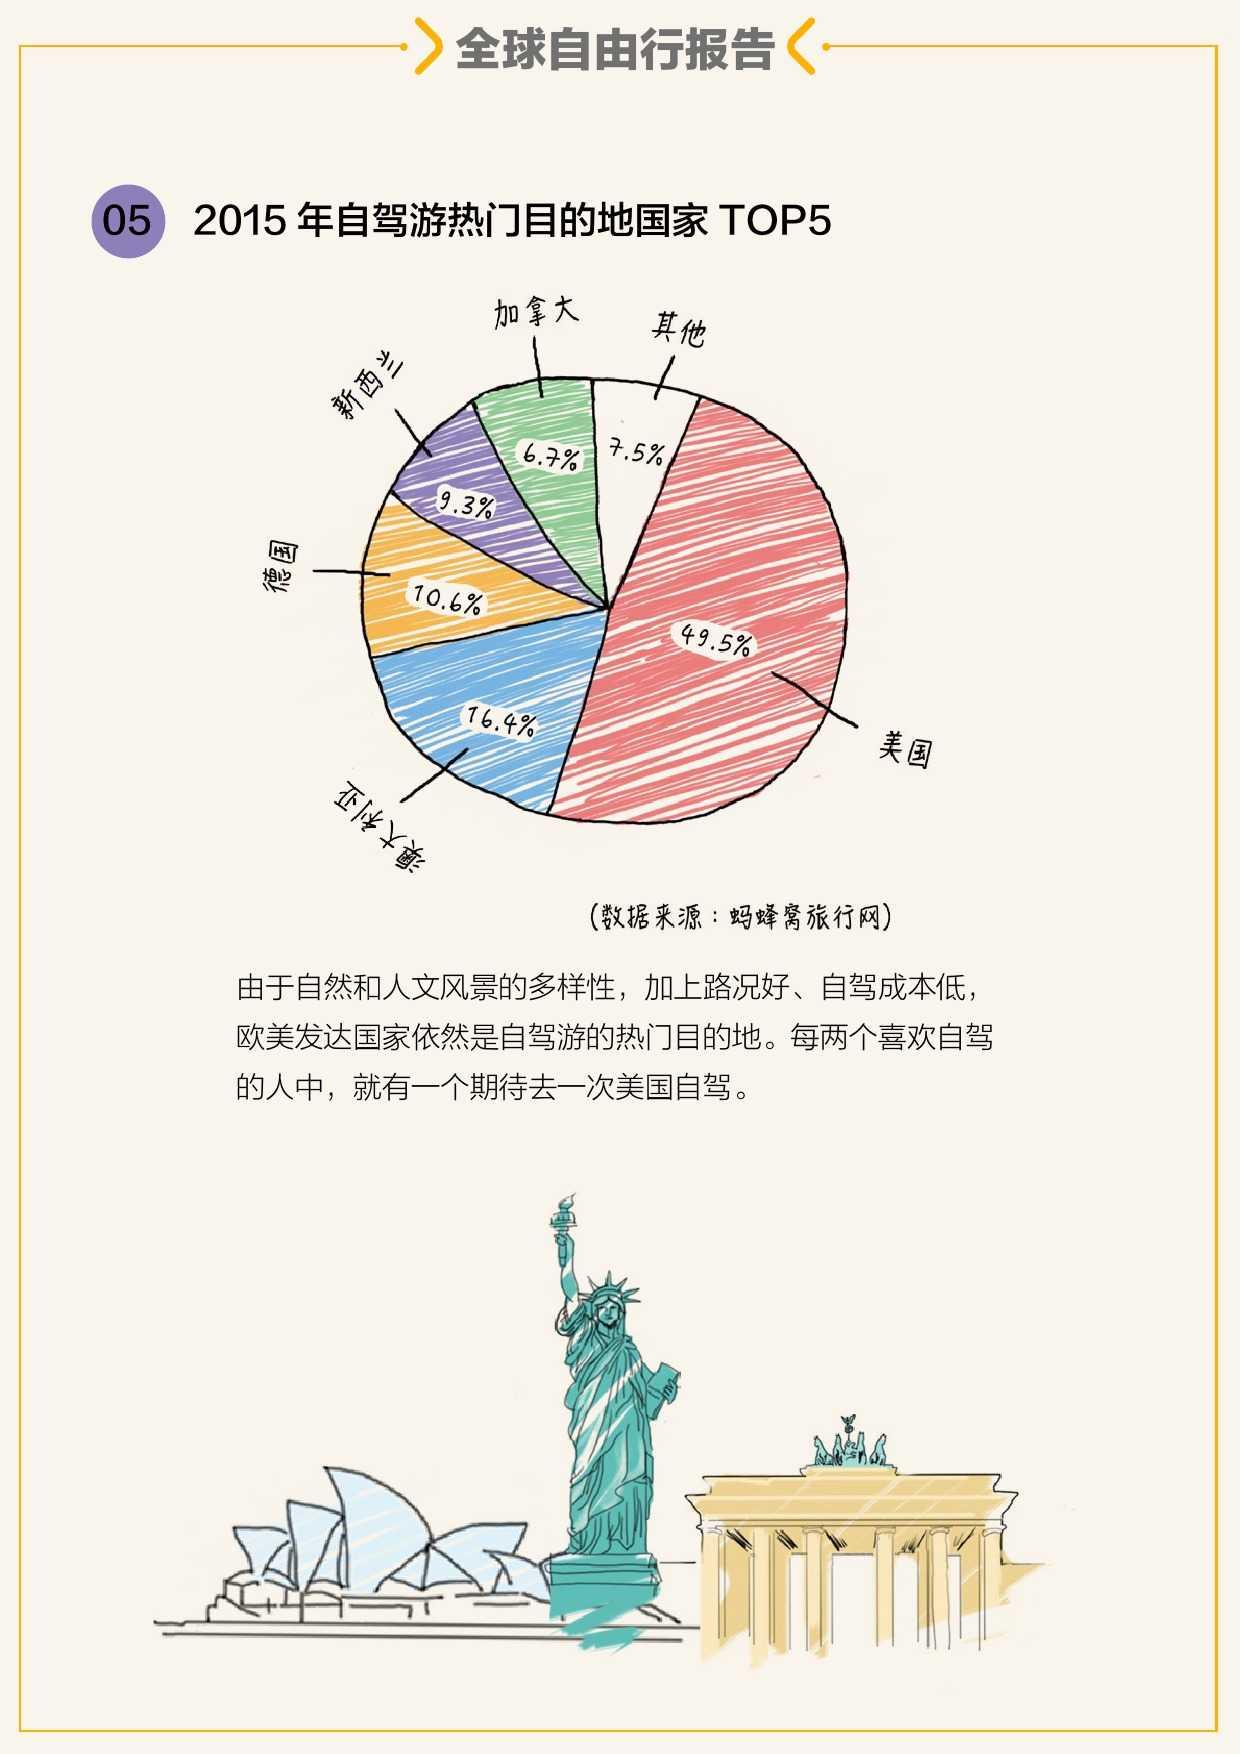 蚂蜂窝全球自由行报告2015_000025